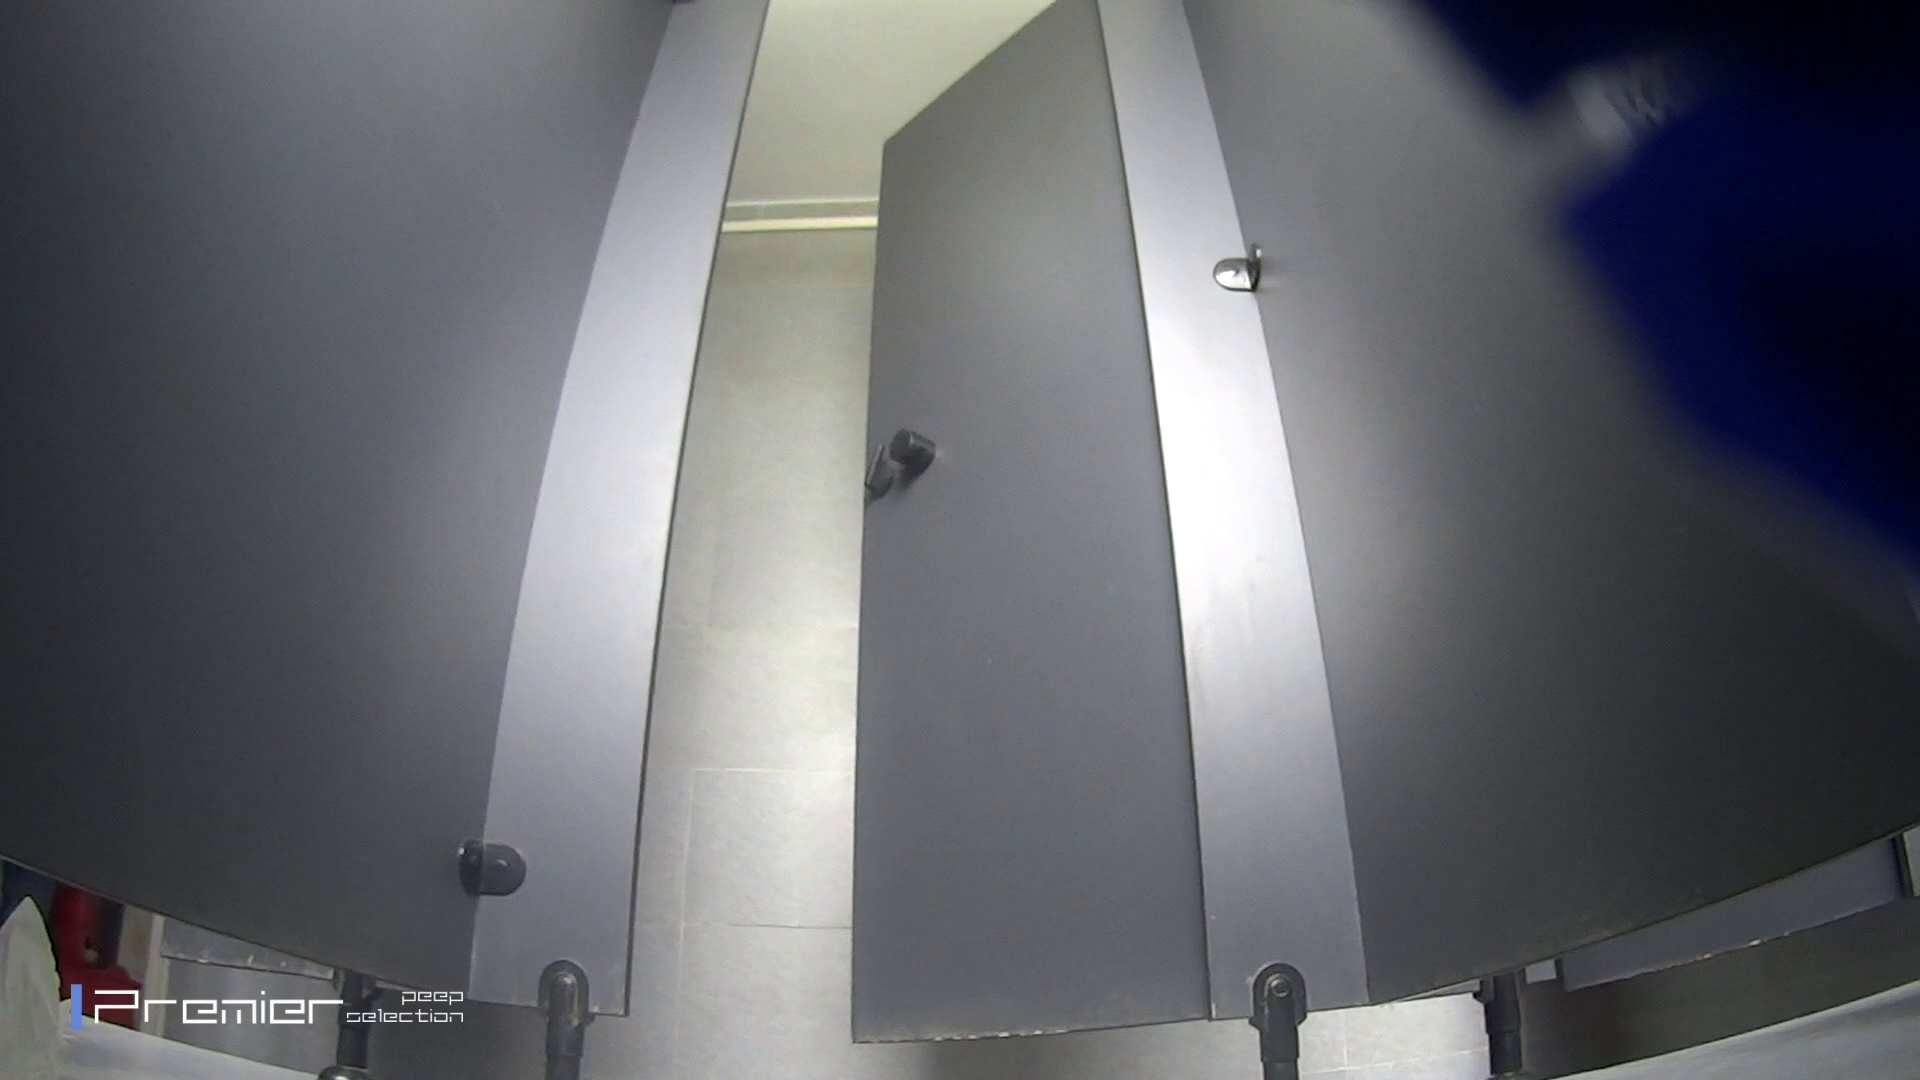 ツンデレお女市さんのトイレ事情 大学休憩時間の洗面所事情32 洗面所 盗み撮りSEX無修正画像 25pic 12